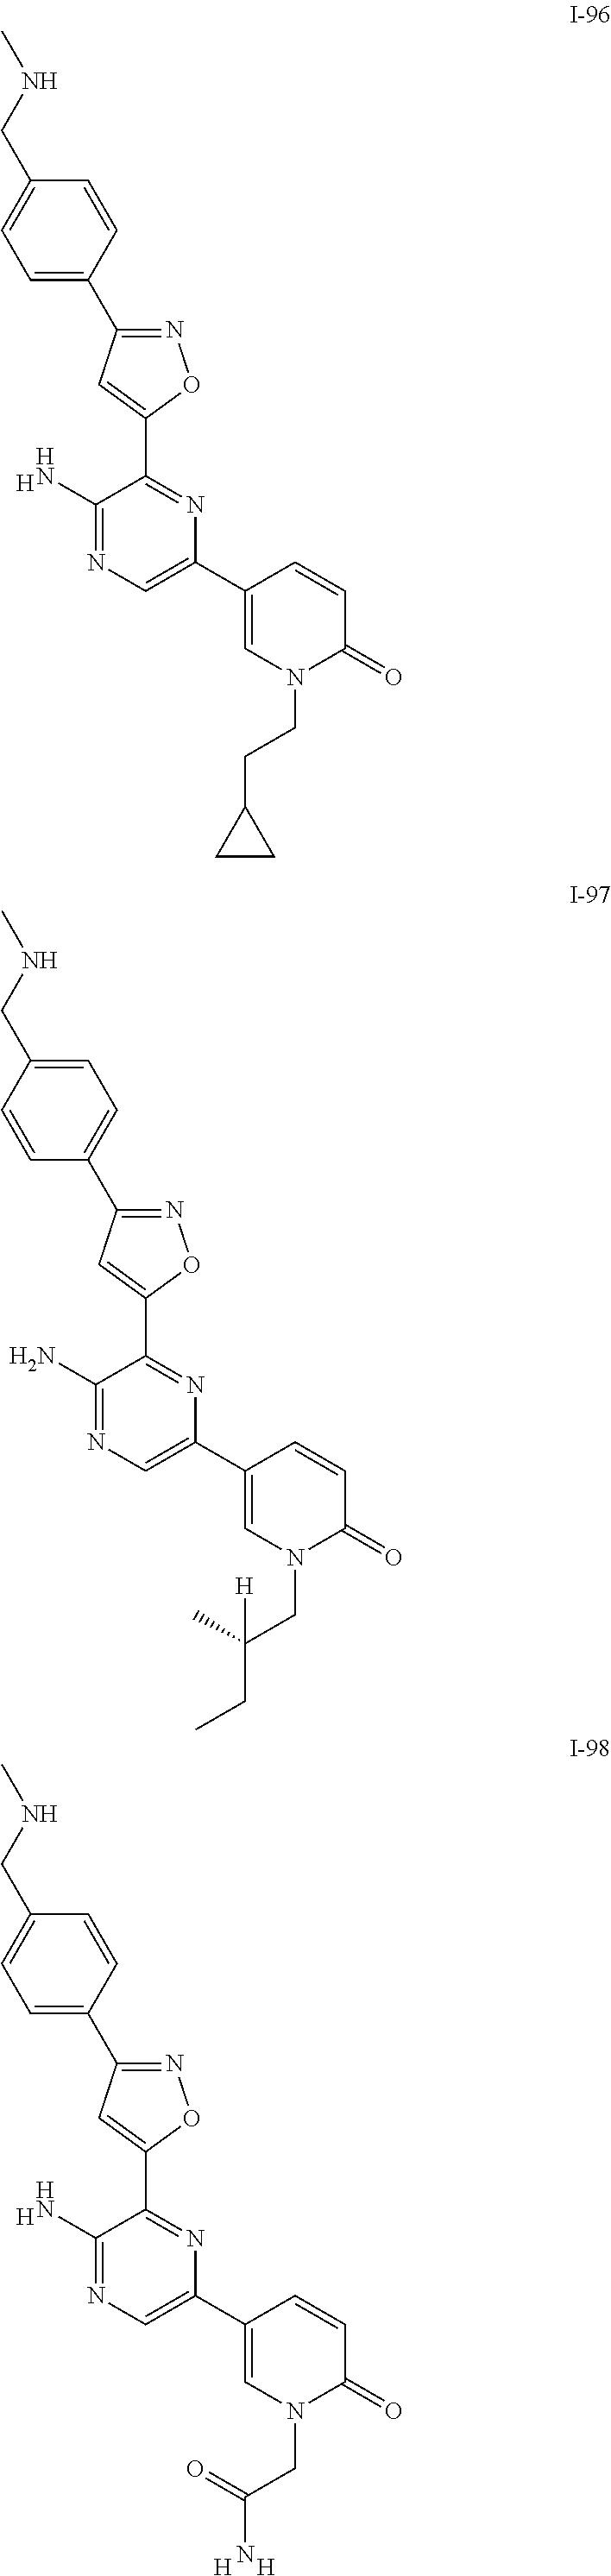 Figure US09630956-20170425-C00250